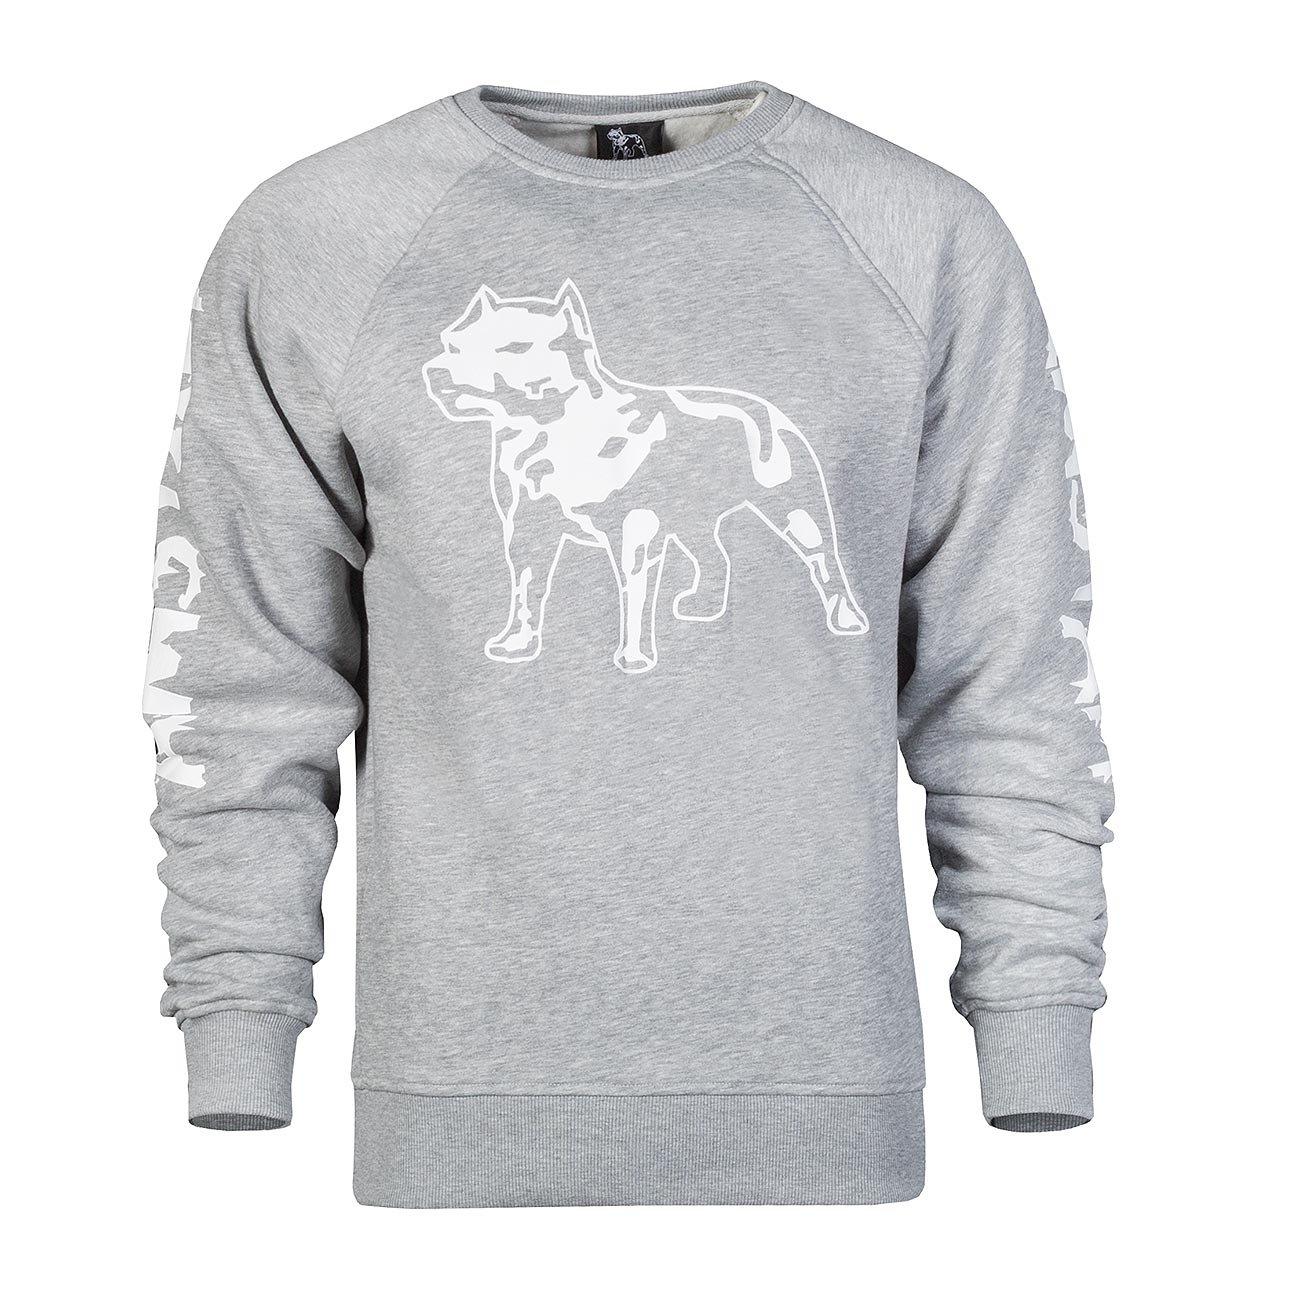 Amstaff Logo Sweater - Grau Herren Pullover Größe S M L XL XXL 3XL